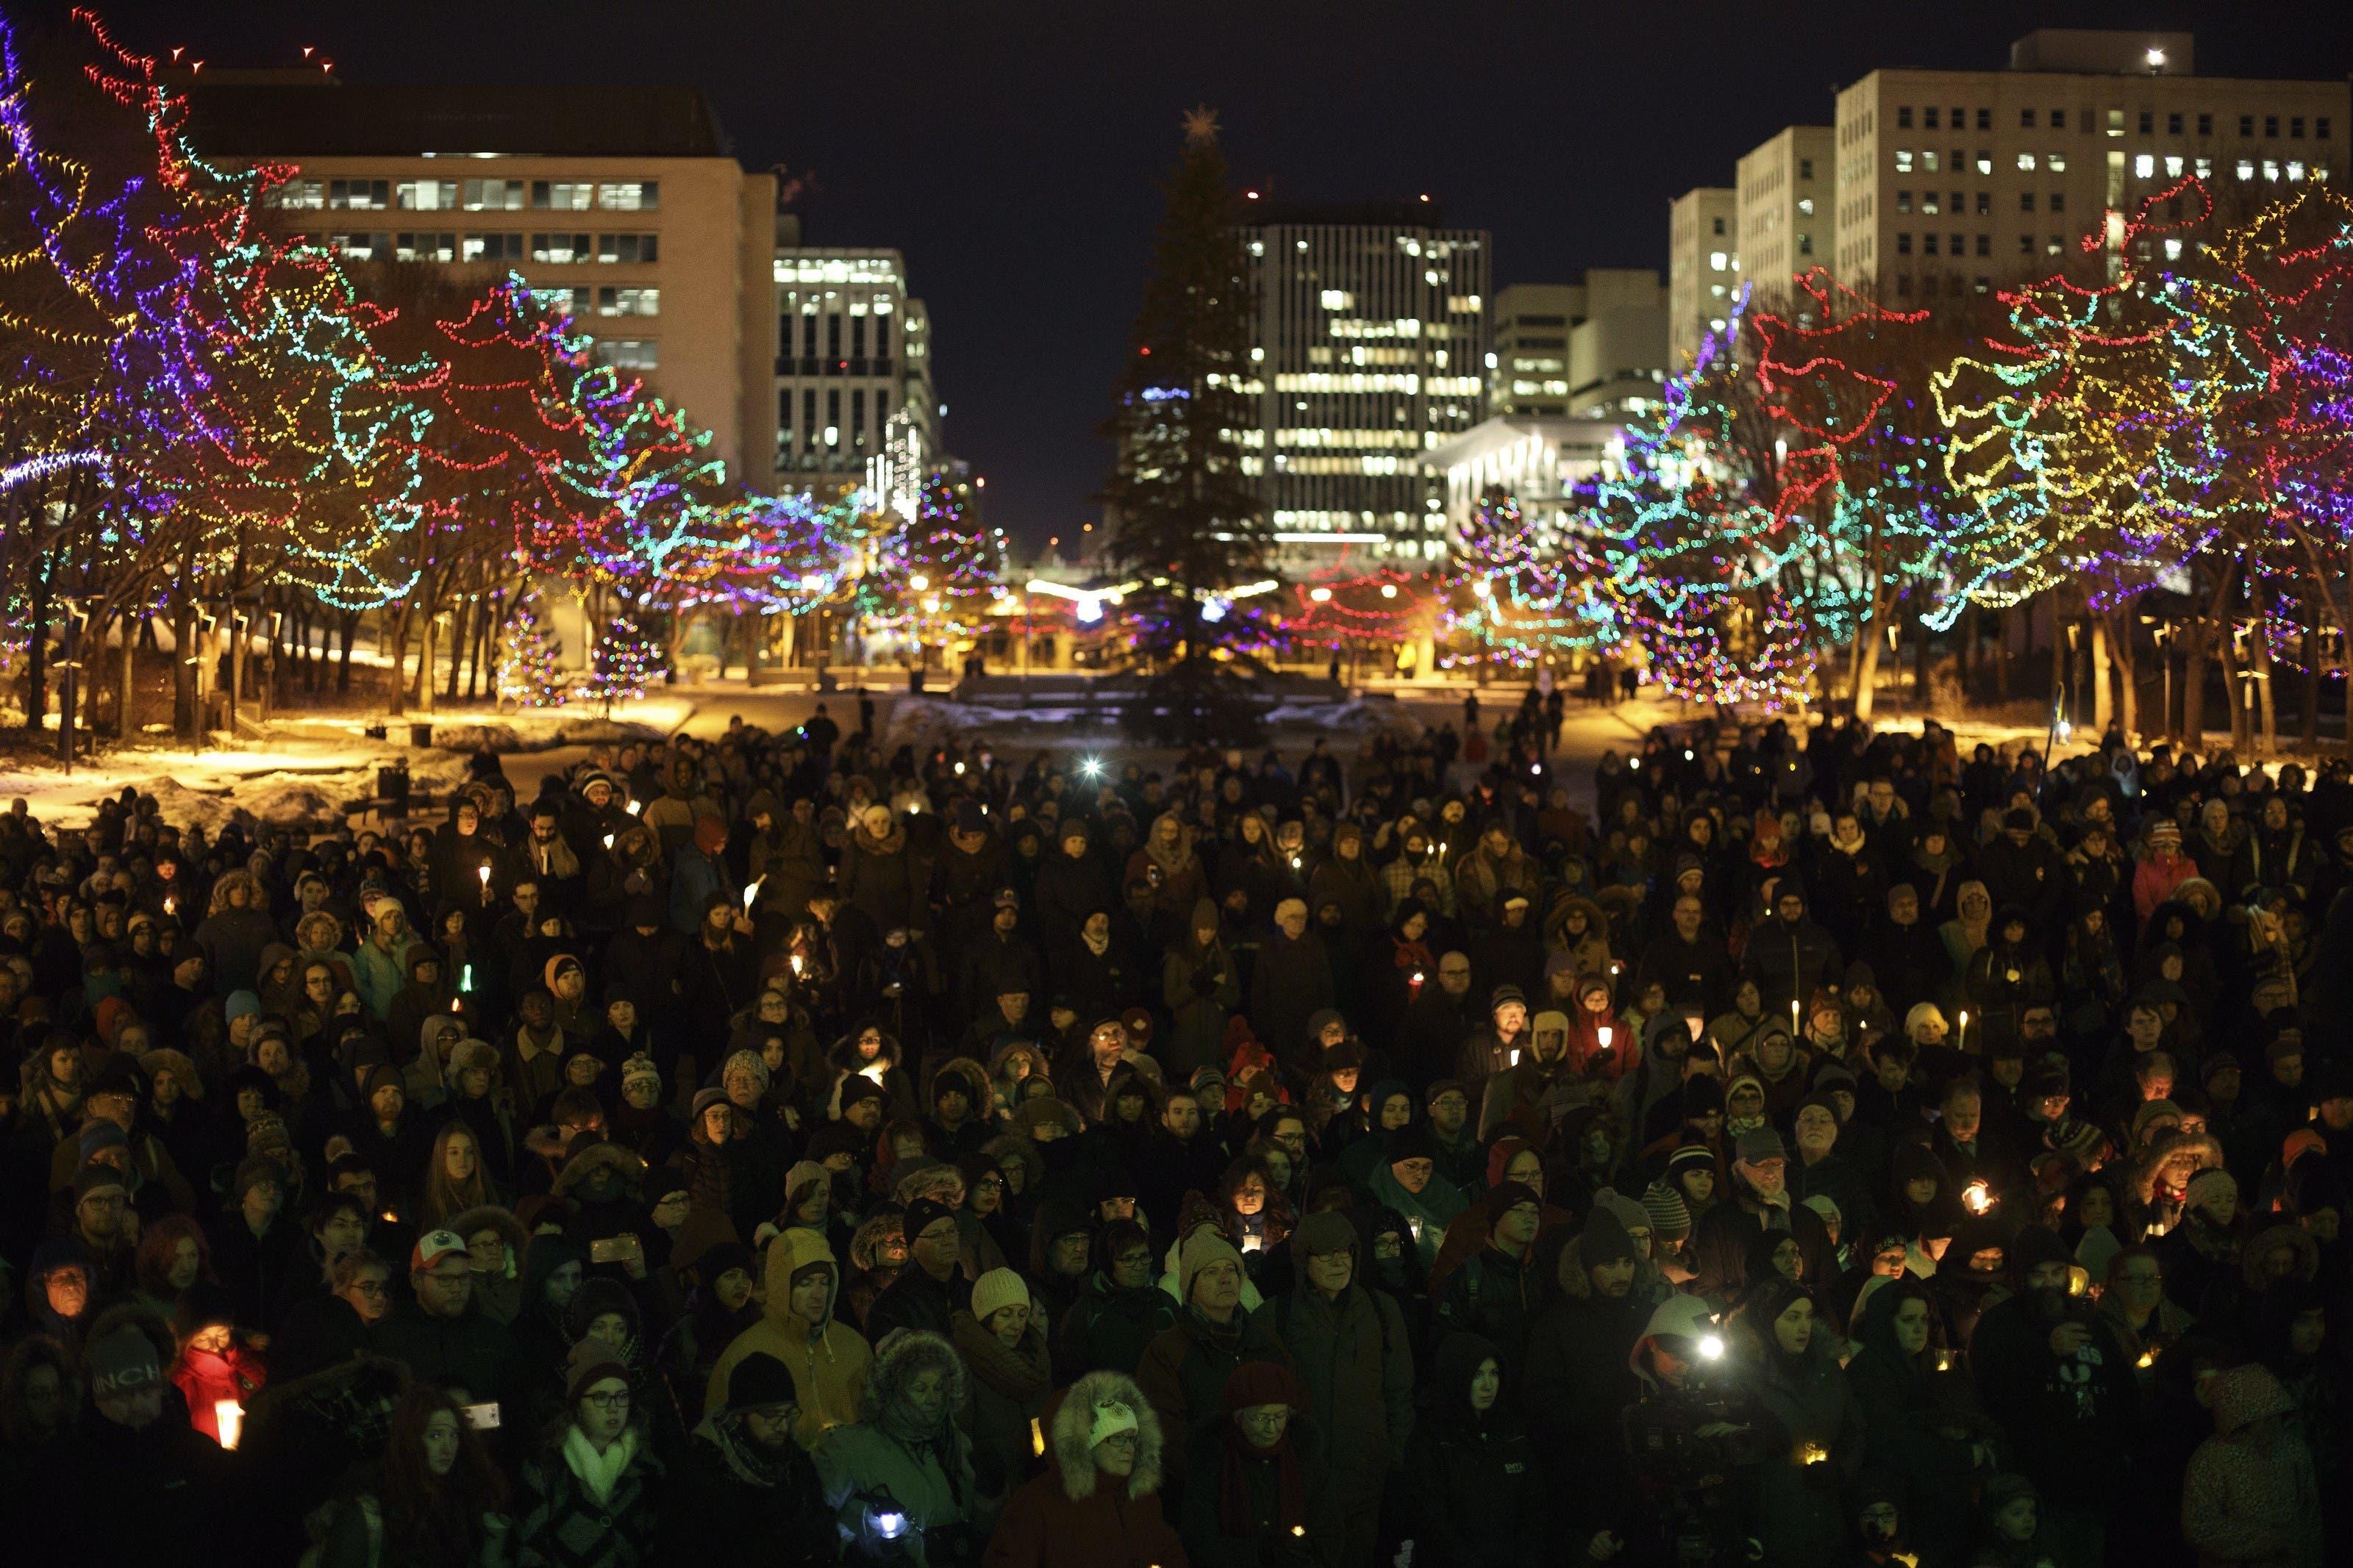 Tausende Menschen gingen nach dem Anschlag eines 27-jährigen Studenten auf eine Moschee in der Stadt Québec auf die Strasse.